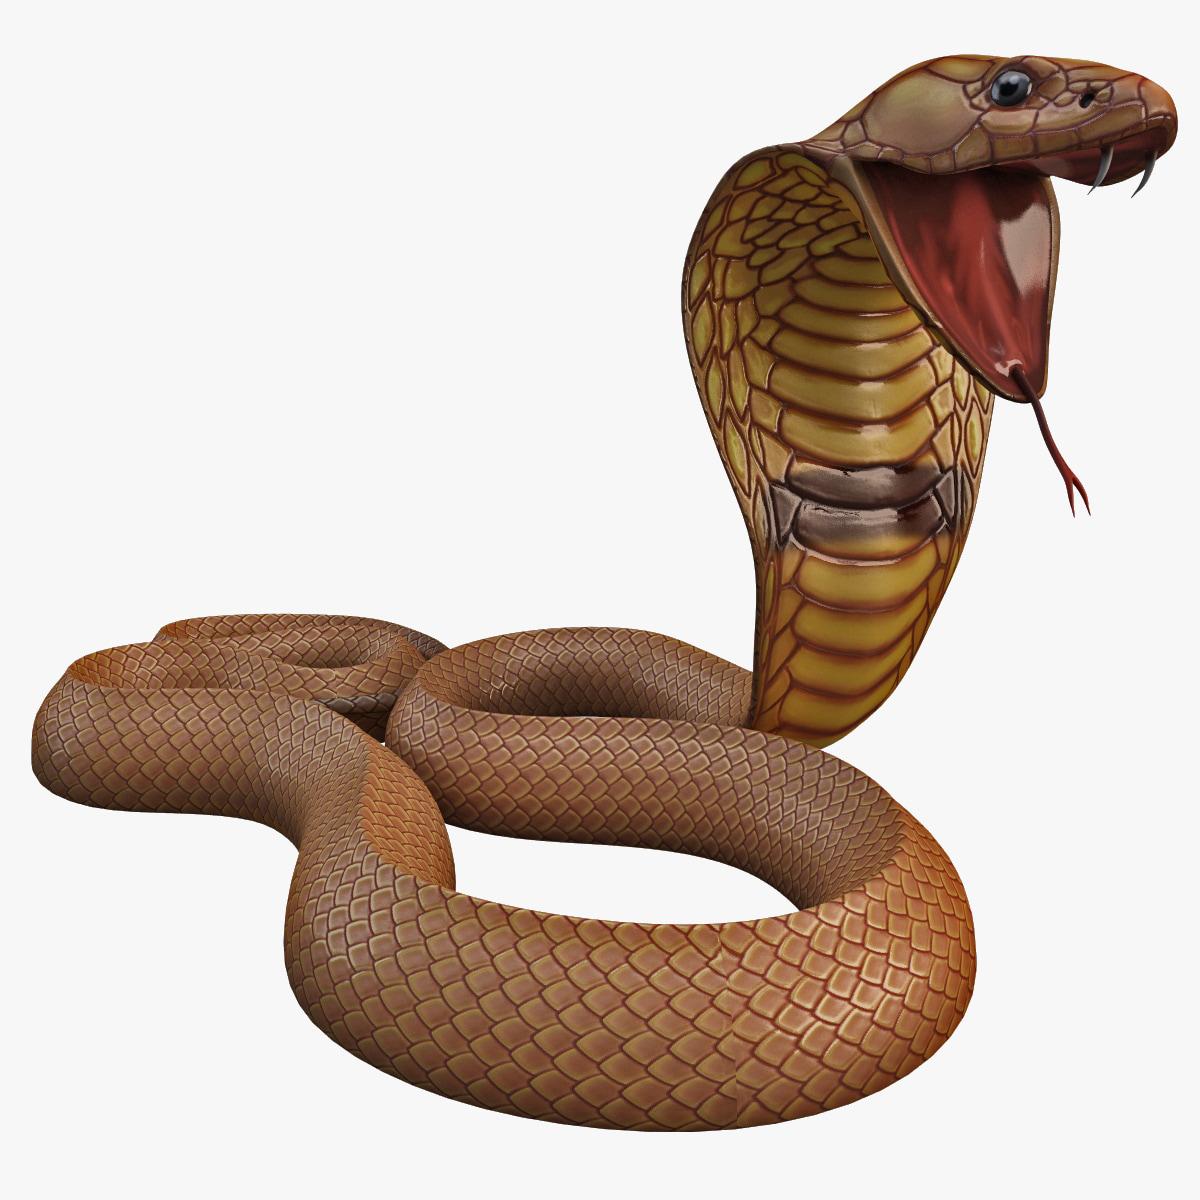 Snake_Cobra_Pose_5_000.jpg